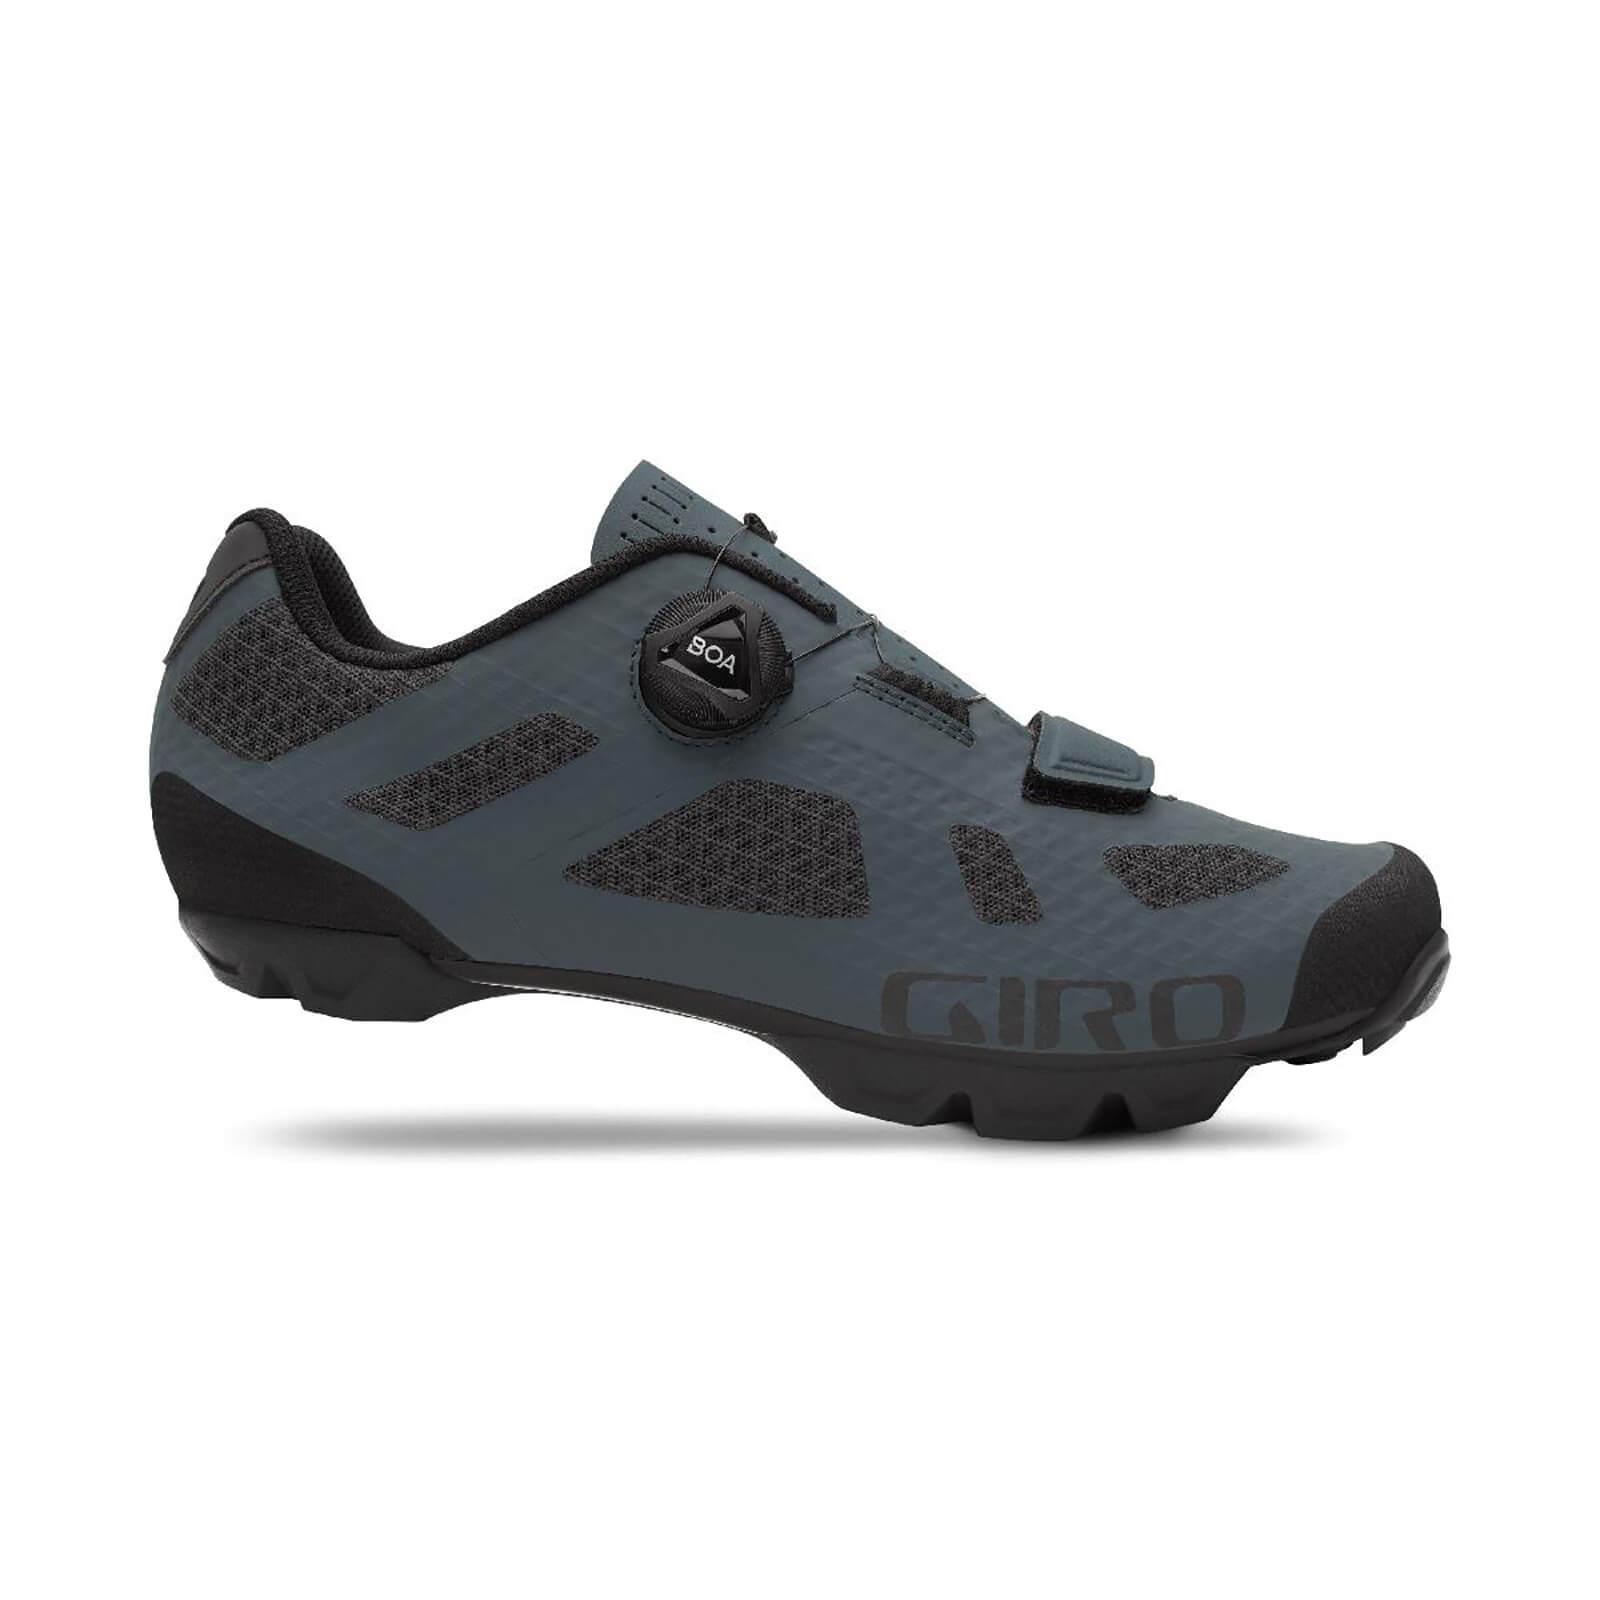 Giro Rincon MTB Shoe - EU 45 - Port Grey